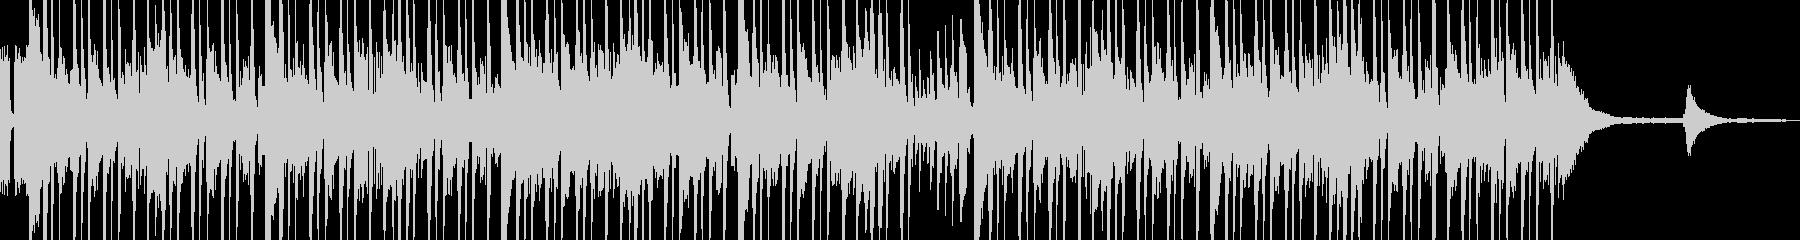 「エンターザドラゴンミーツウォッシ...の未再生の波形